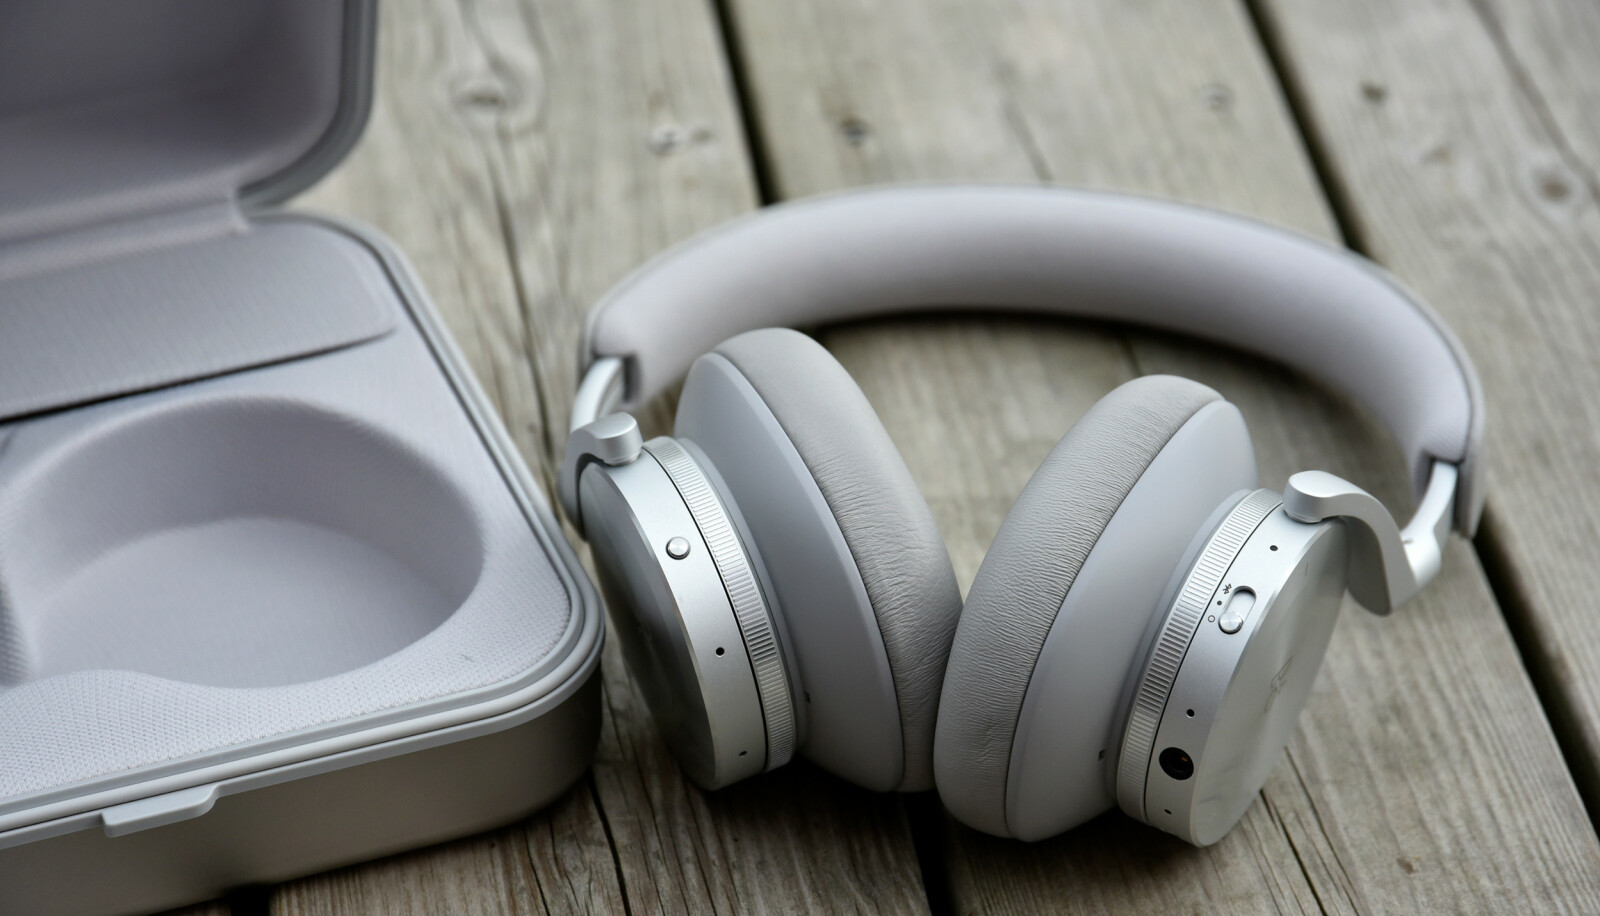 <strong>KNALLGODE:</strong> Det er liten tvil om at Beoplay H95 er et særdeles godt par med hodetelefoner. Men de har også en grusomt høy prislapp. Foto: Pål Joakim Pollen